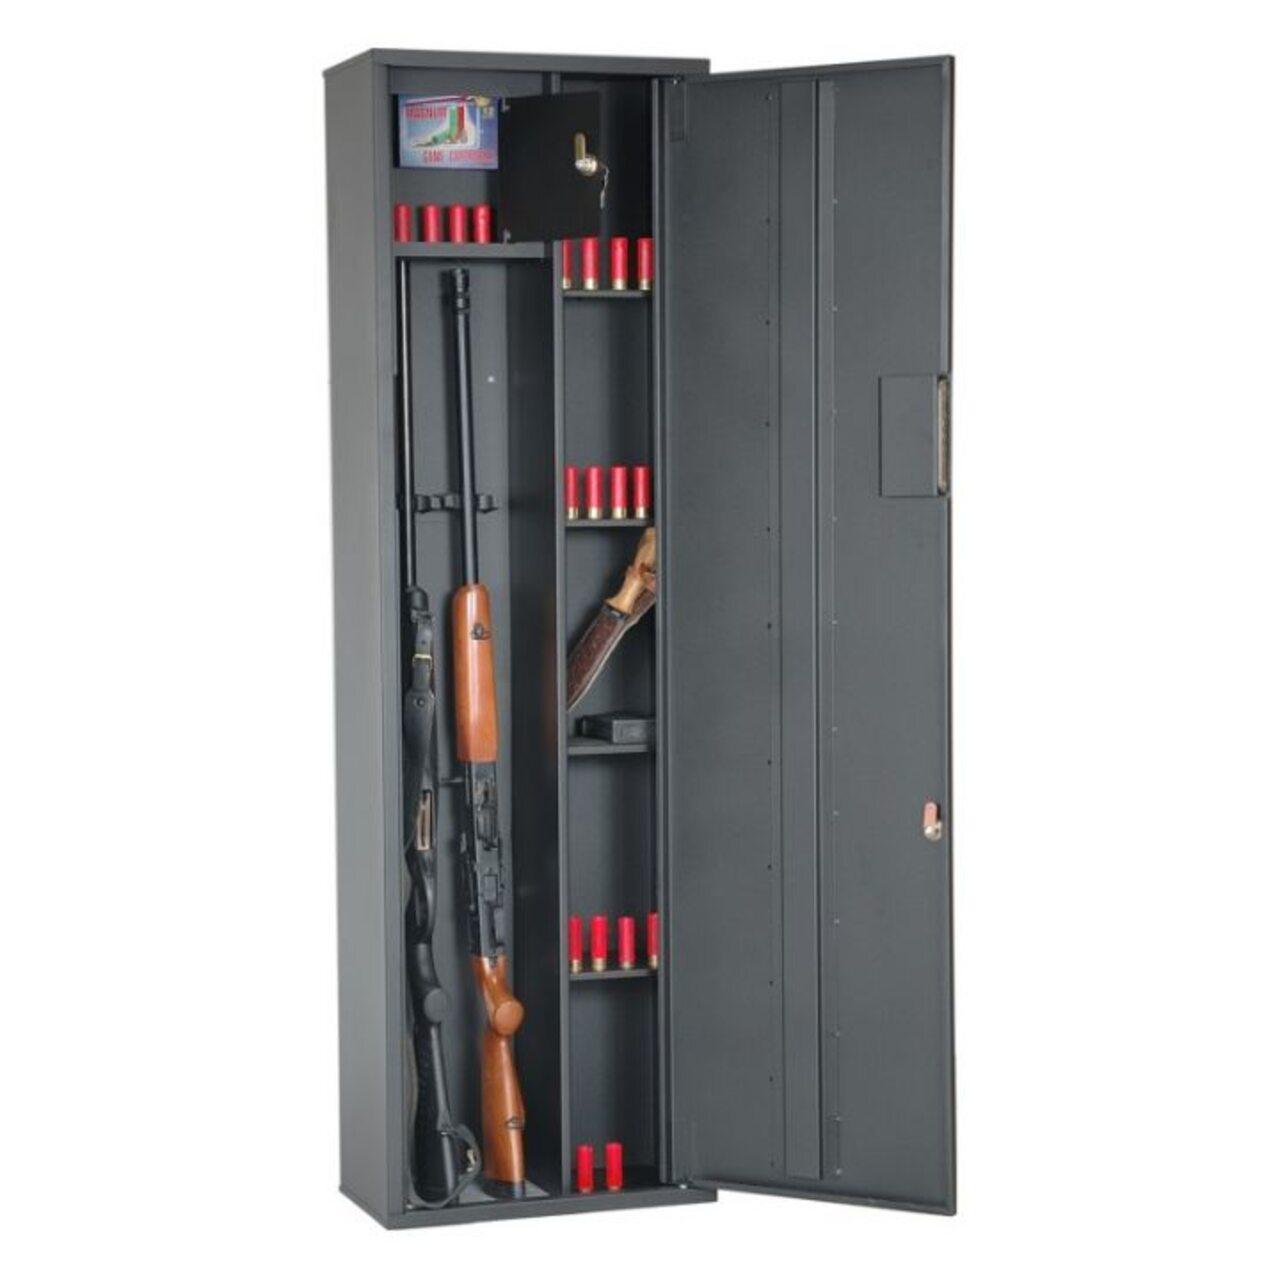 Шкаф оружейный ОШН-8Э - фото 2